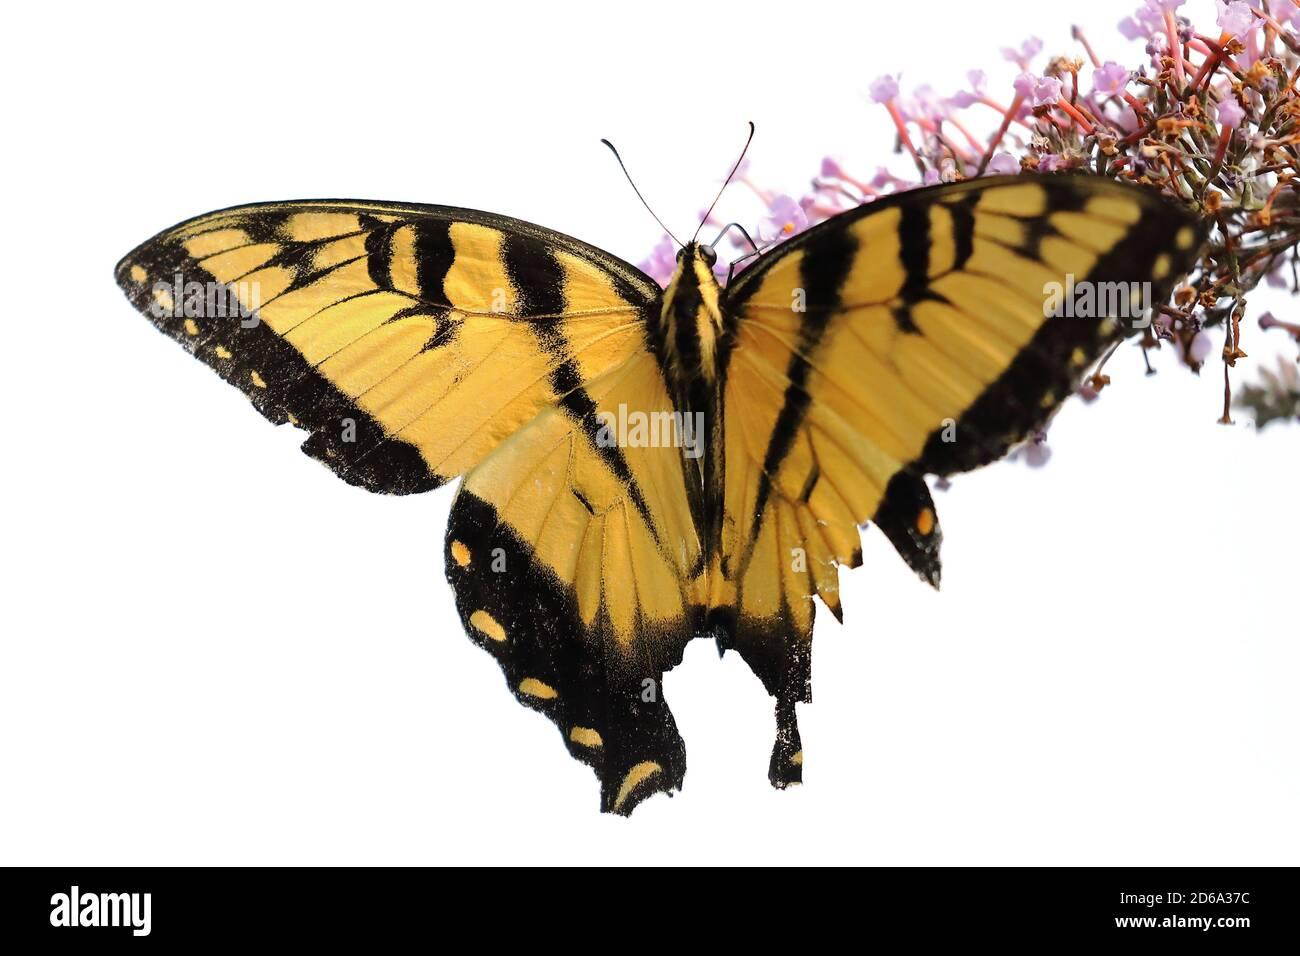 Vista superior de la mariposa del tigre oriental (Papilio glaucus) Chupar néctar sobre una flor de América del Norte durante el verano Foto de stock